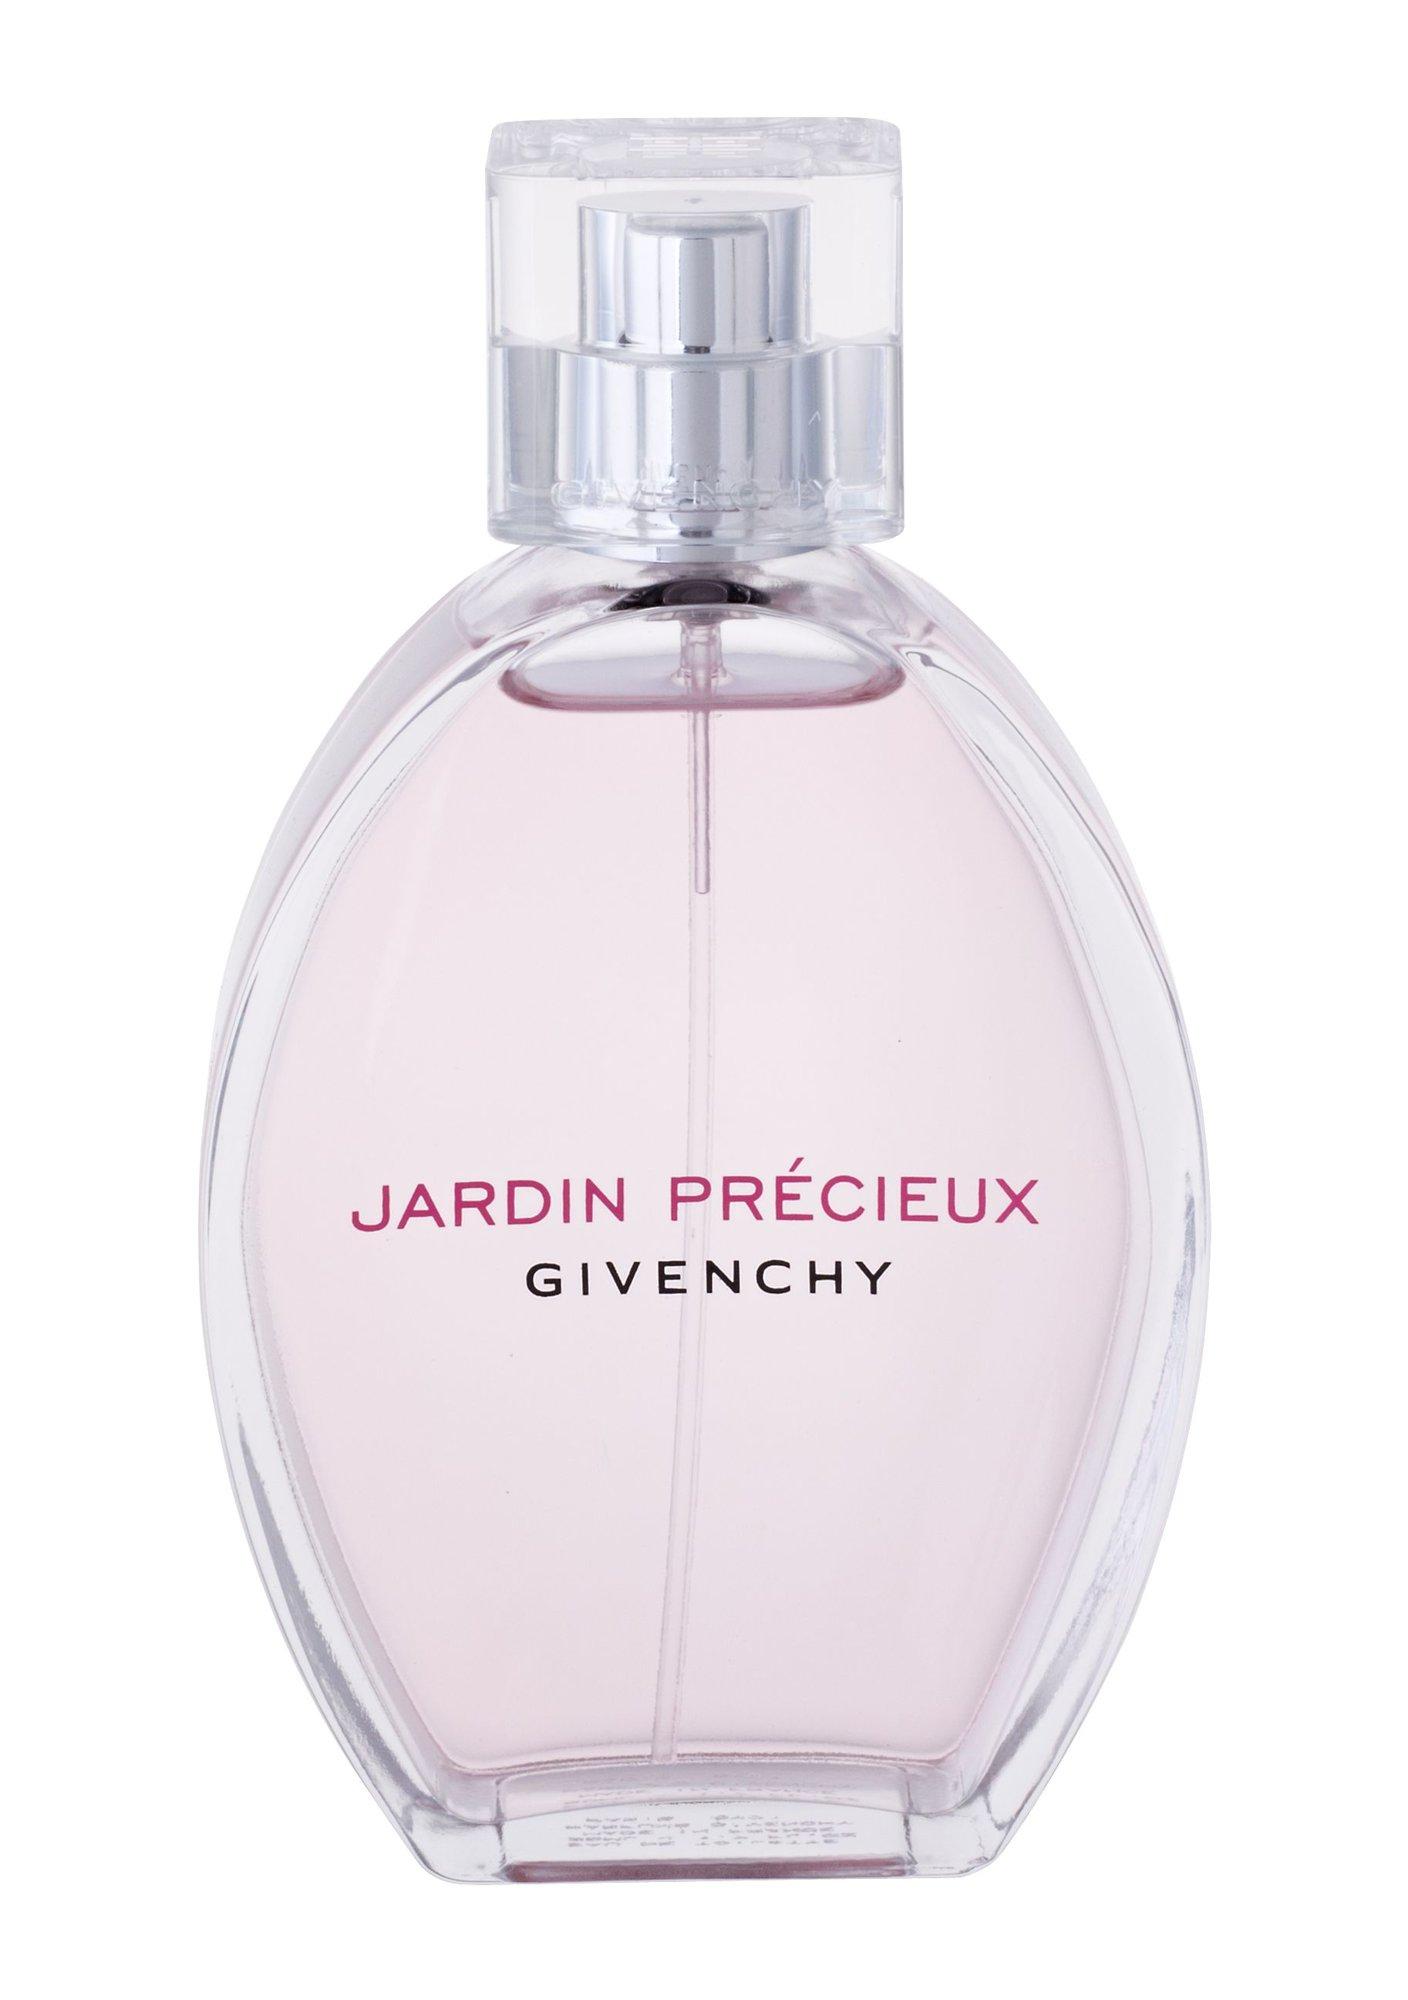 Givenchy Jardin Precieux EDT 50ml